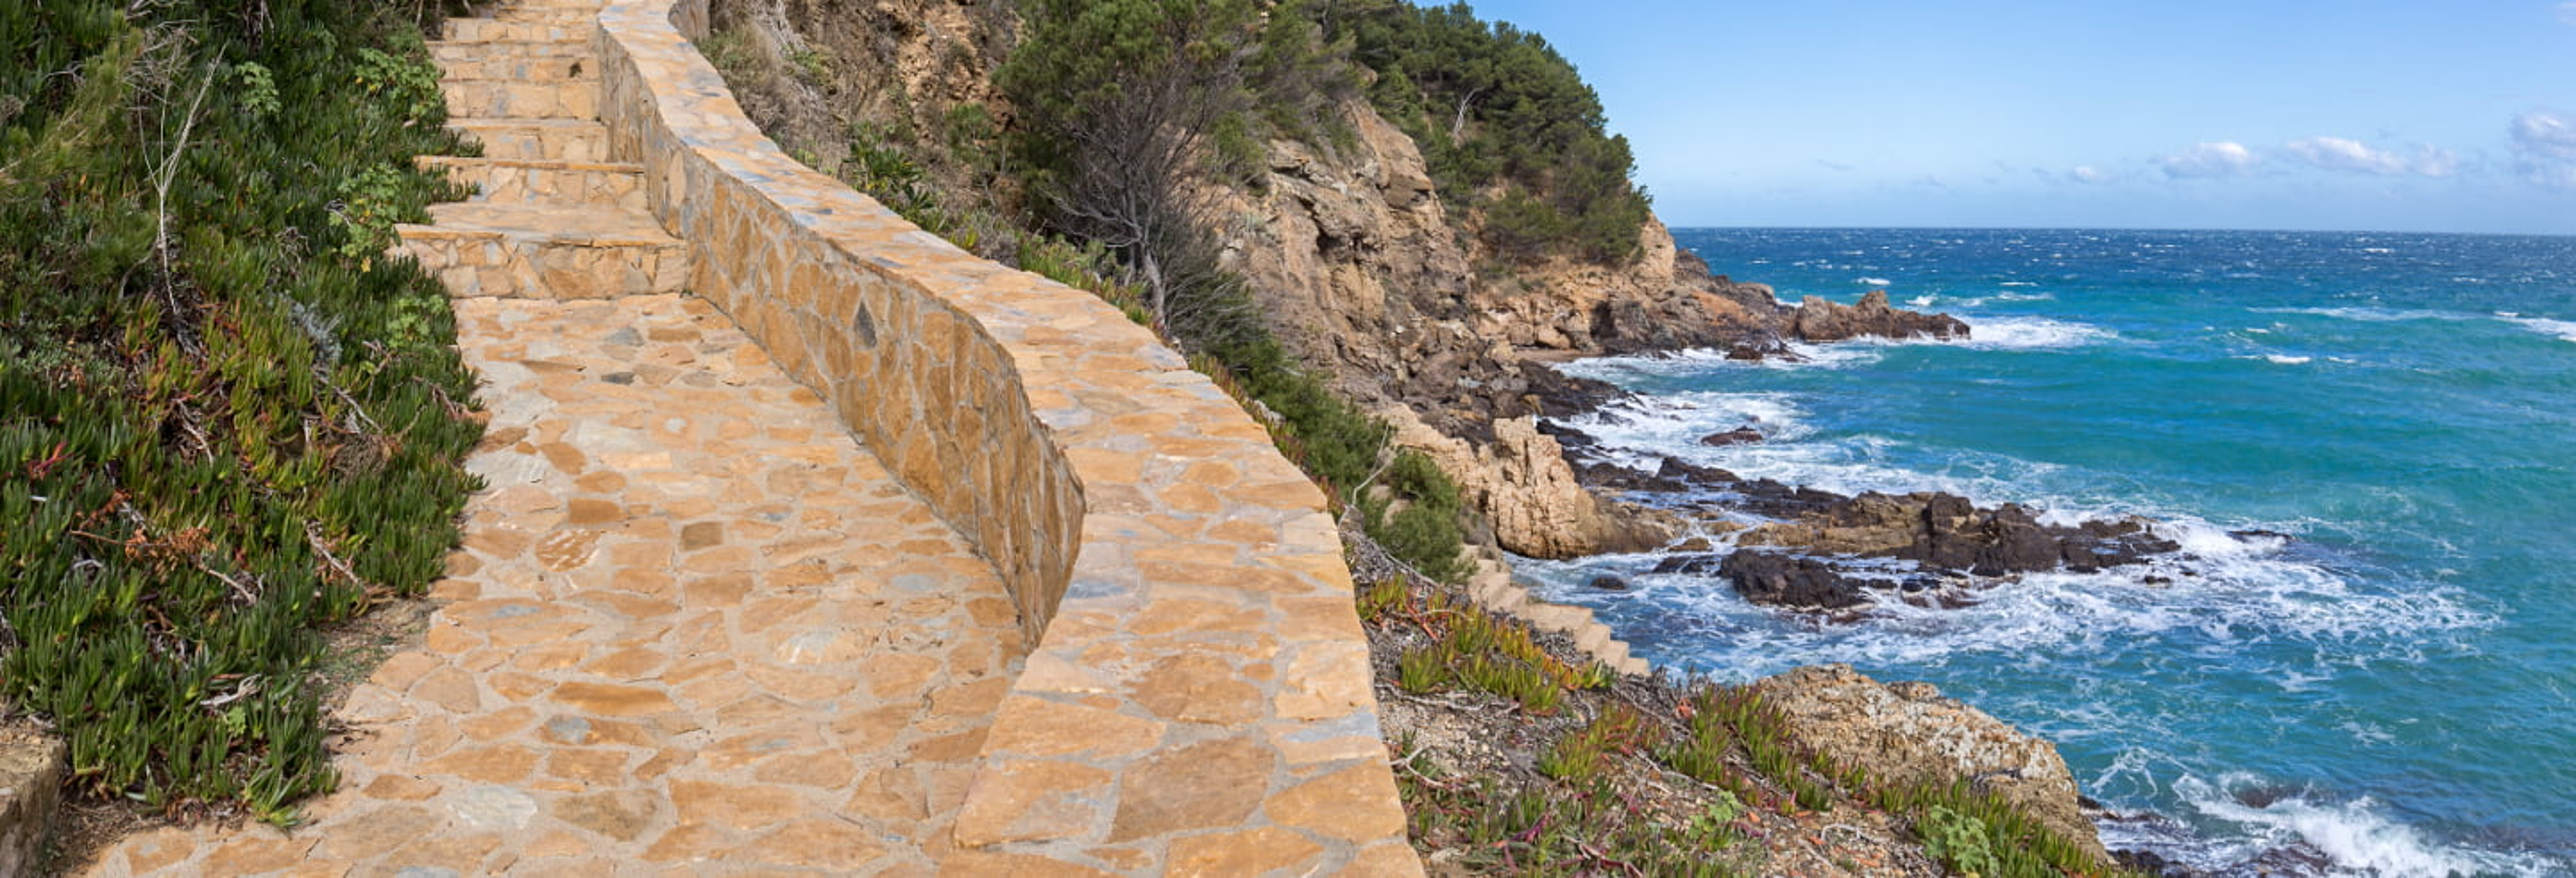 Randonnée et snorkel sur la Costa Brava